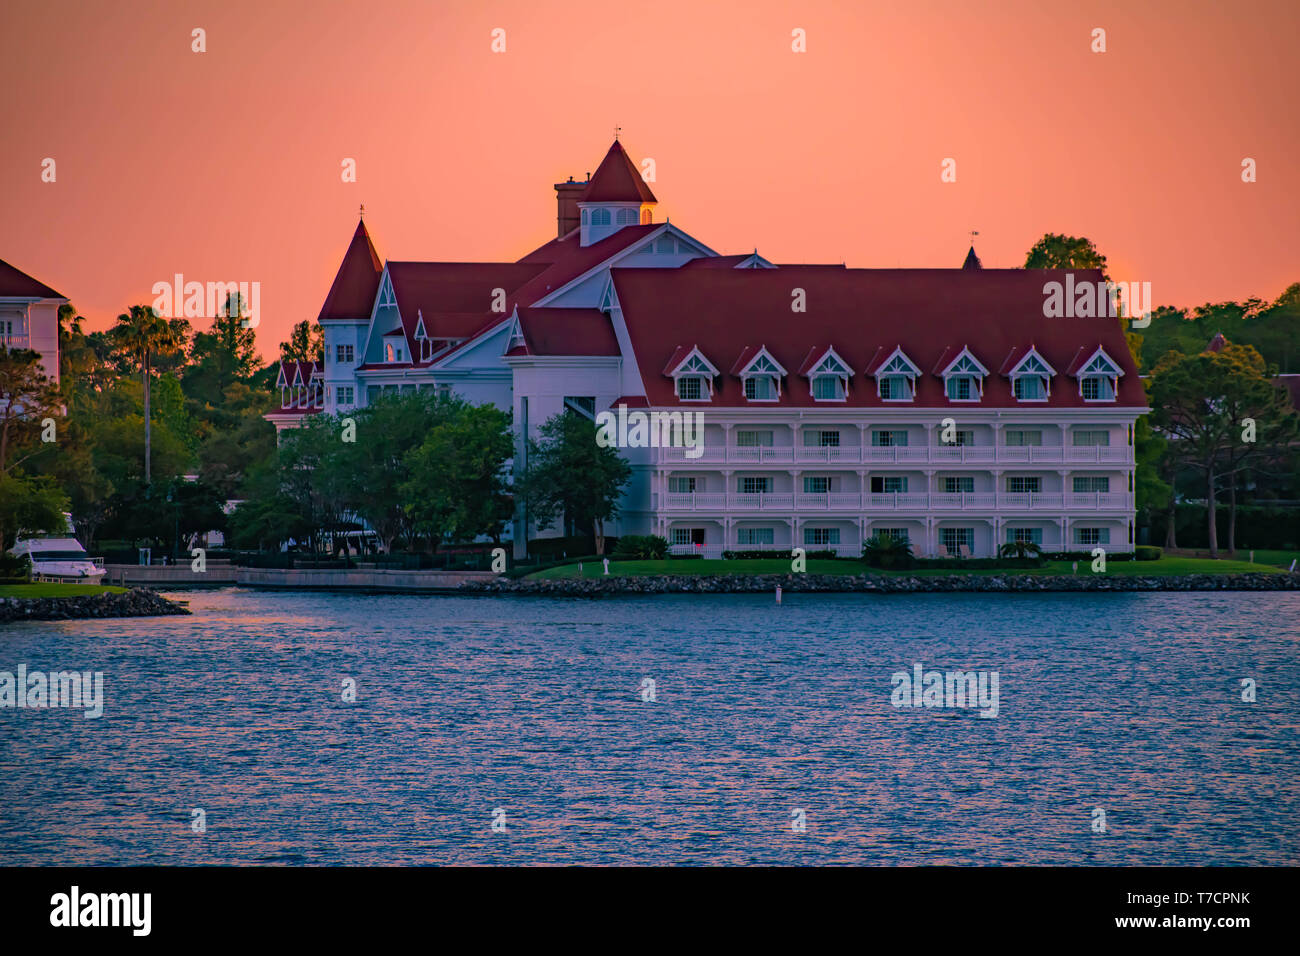 Orlando, Floride. Le 23 avril 2019. Disney's Grand Floridian Resort & Spa sur belle fond coucher de soleil à Walt Disney World (2) Banque D'Images